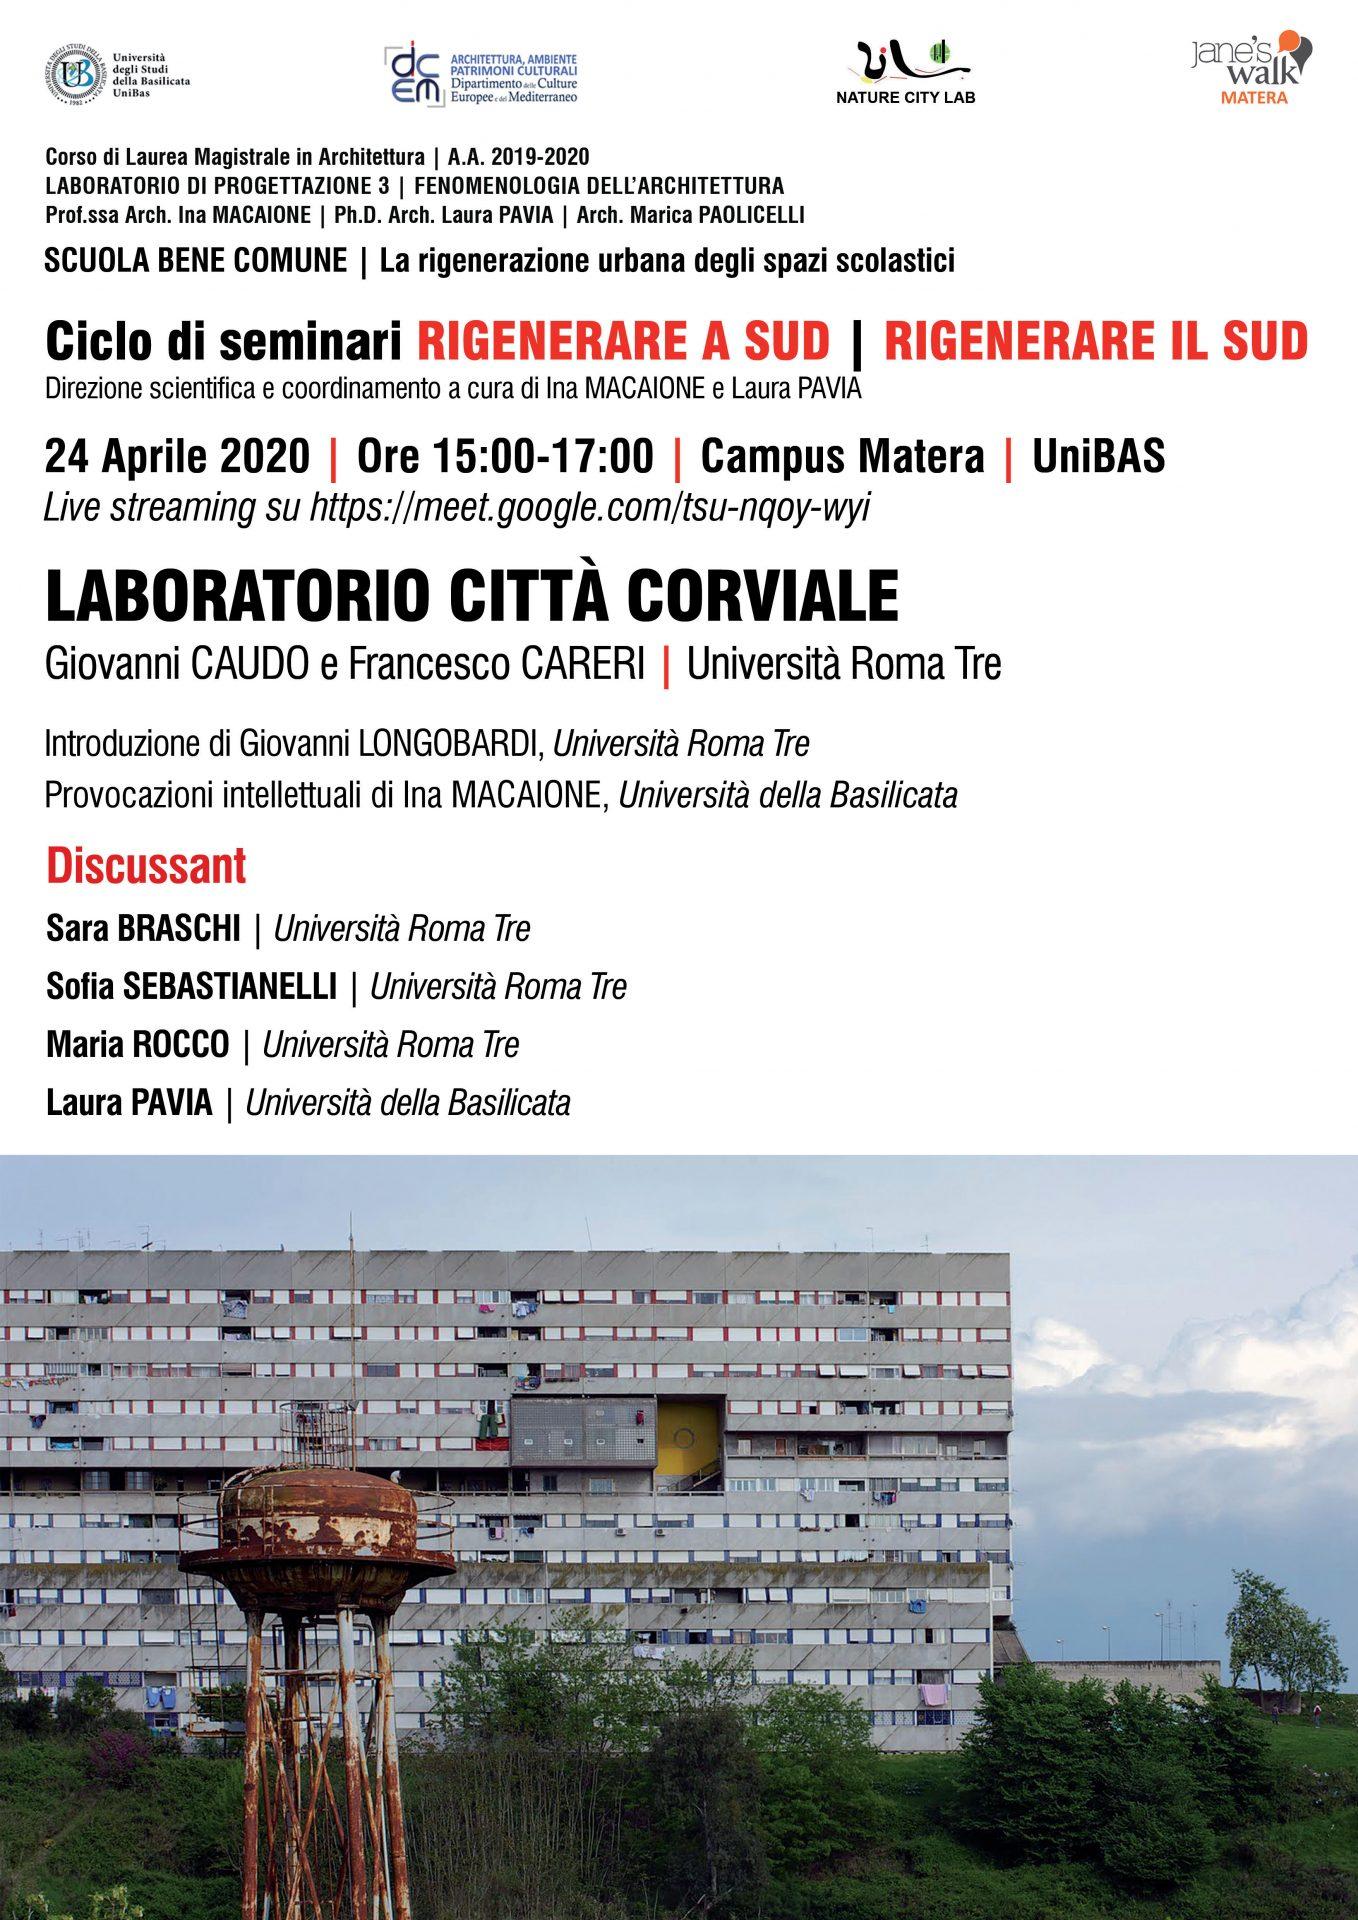 Laboratorio di Città Corviale, corso di Laurea Magistrale, 24/4/2020